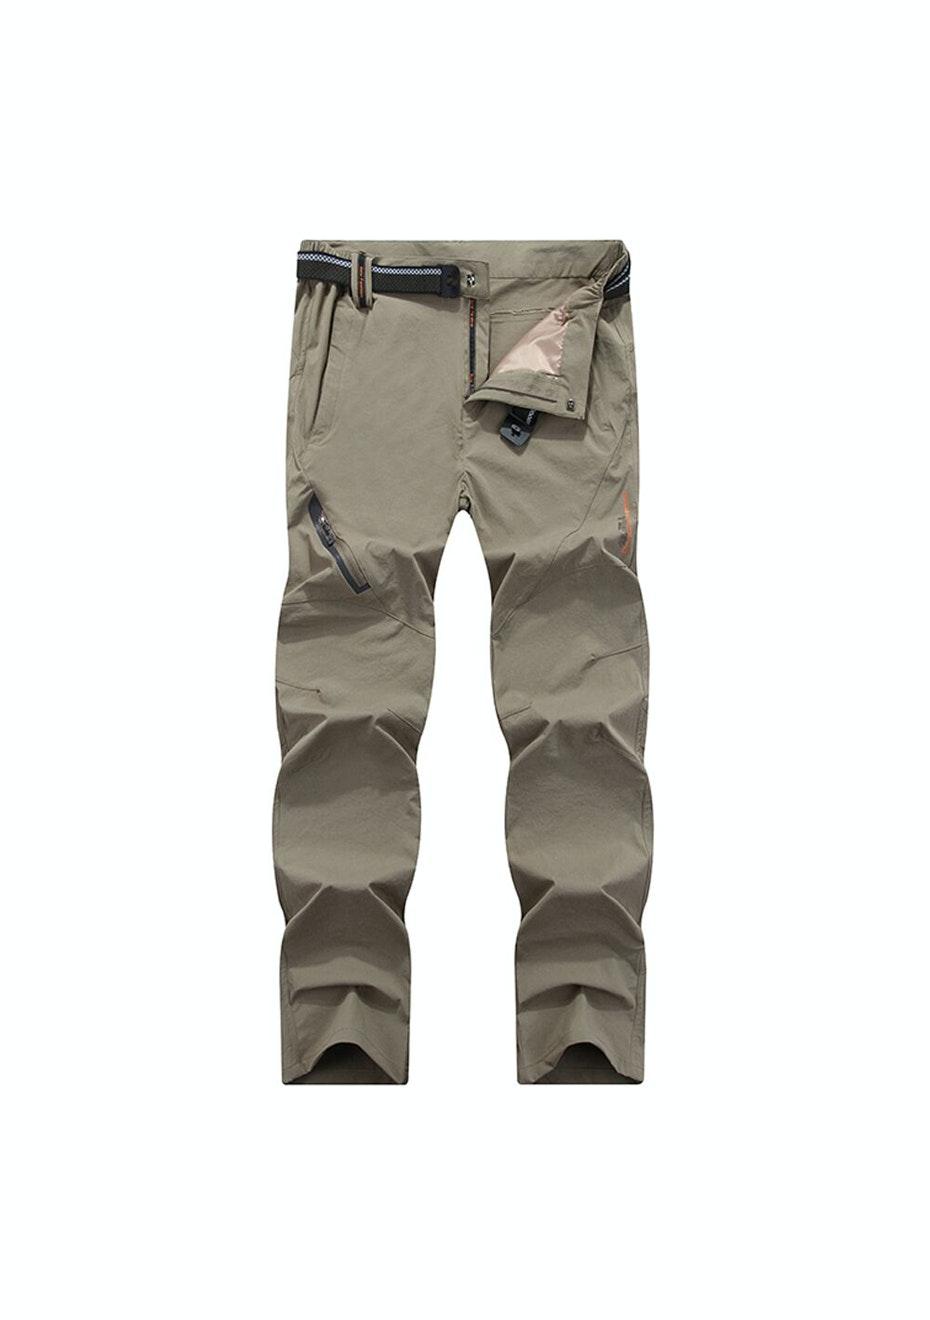 Women 2-in-1 WaterProof Pants - Beige